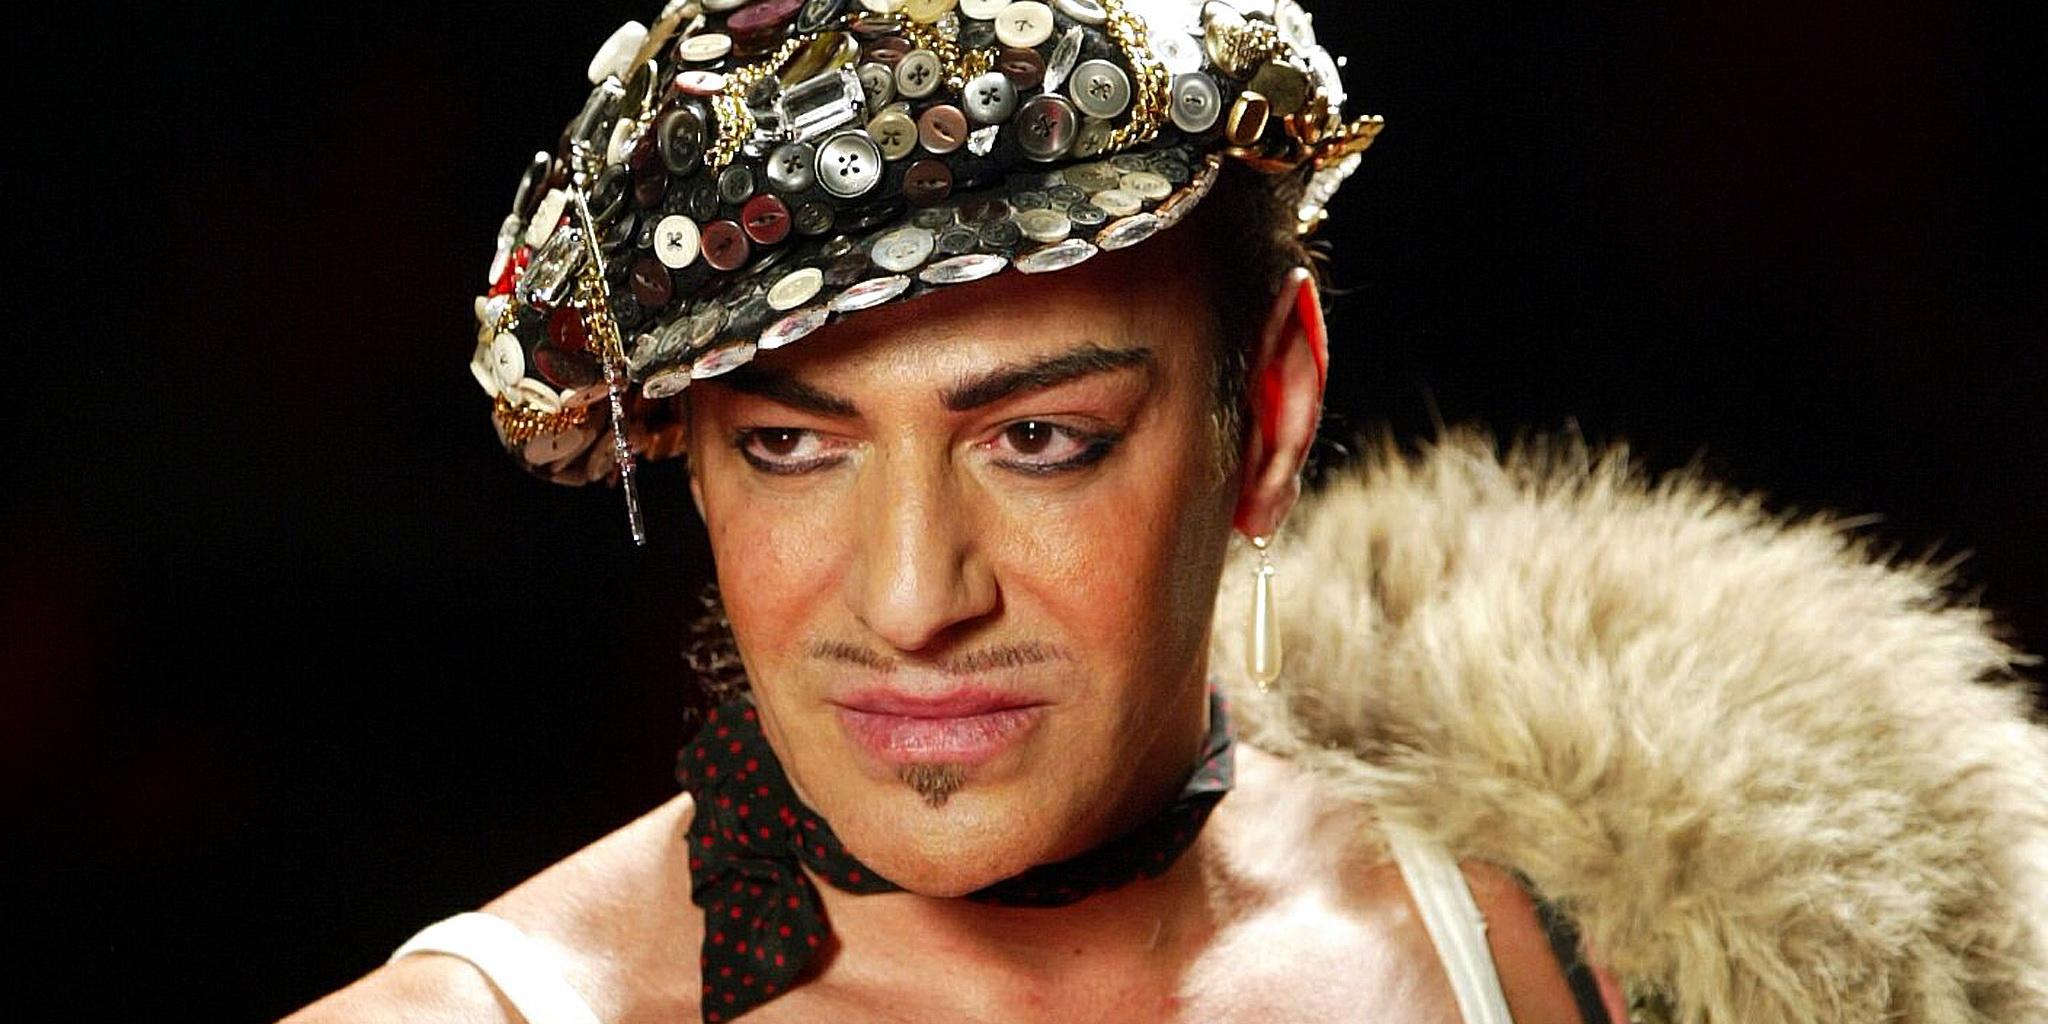 дебютът на Галиано за Мейсън Маржиела е през януари в Париж